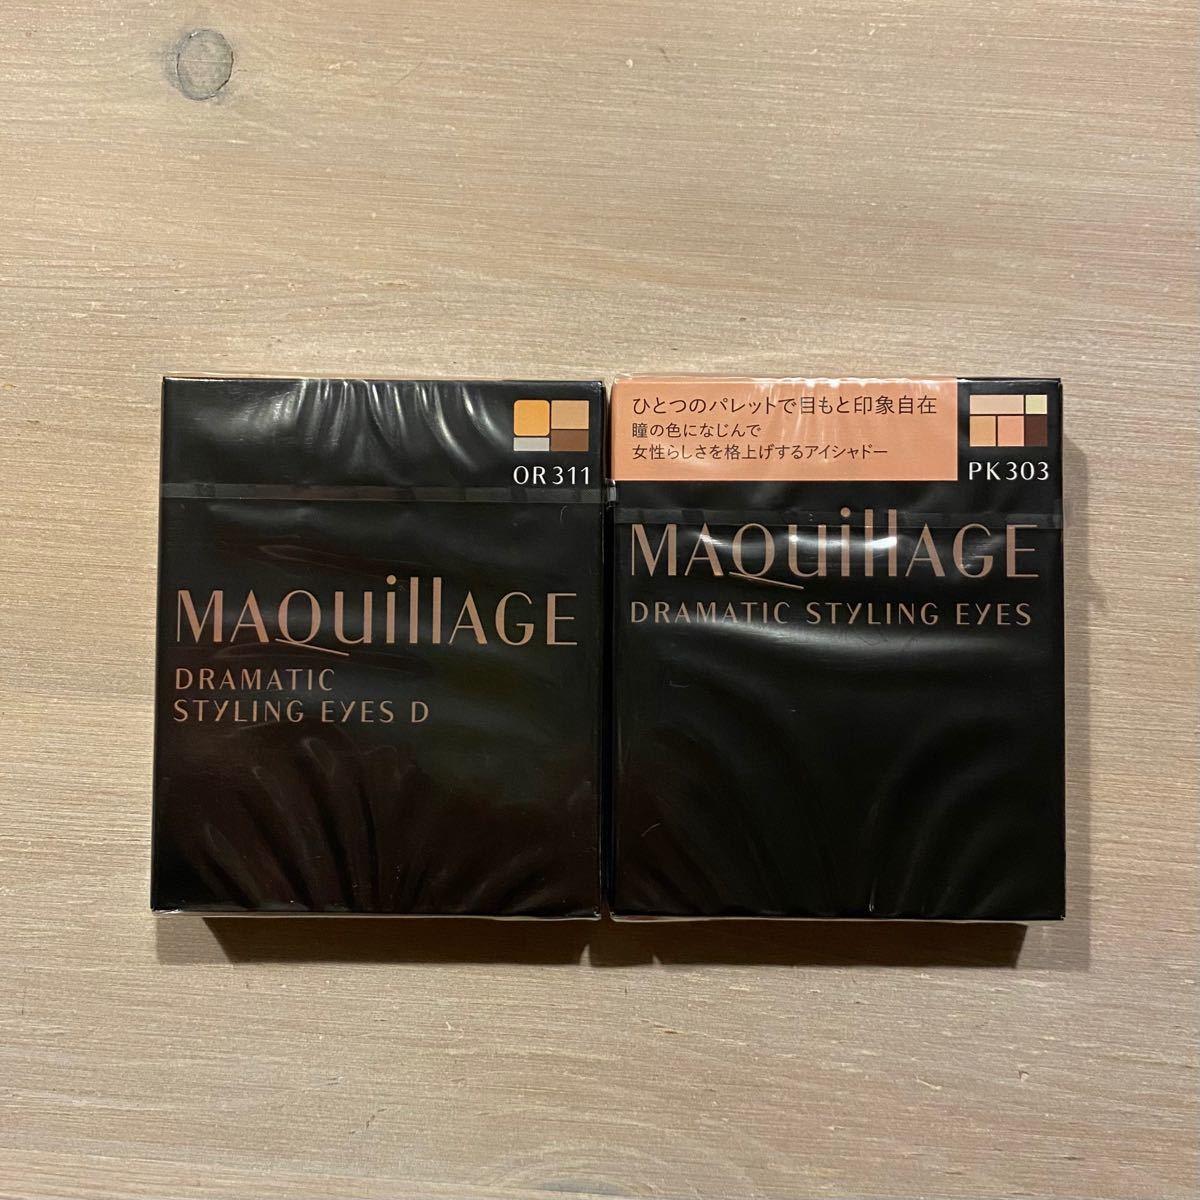 ちぃ様専用 新品 資生堂マキアージュ ドラマティックスタイリングアイズPK303アイシャドウOR311 2点セット